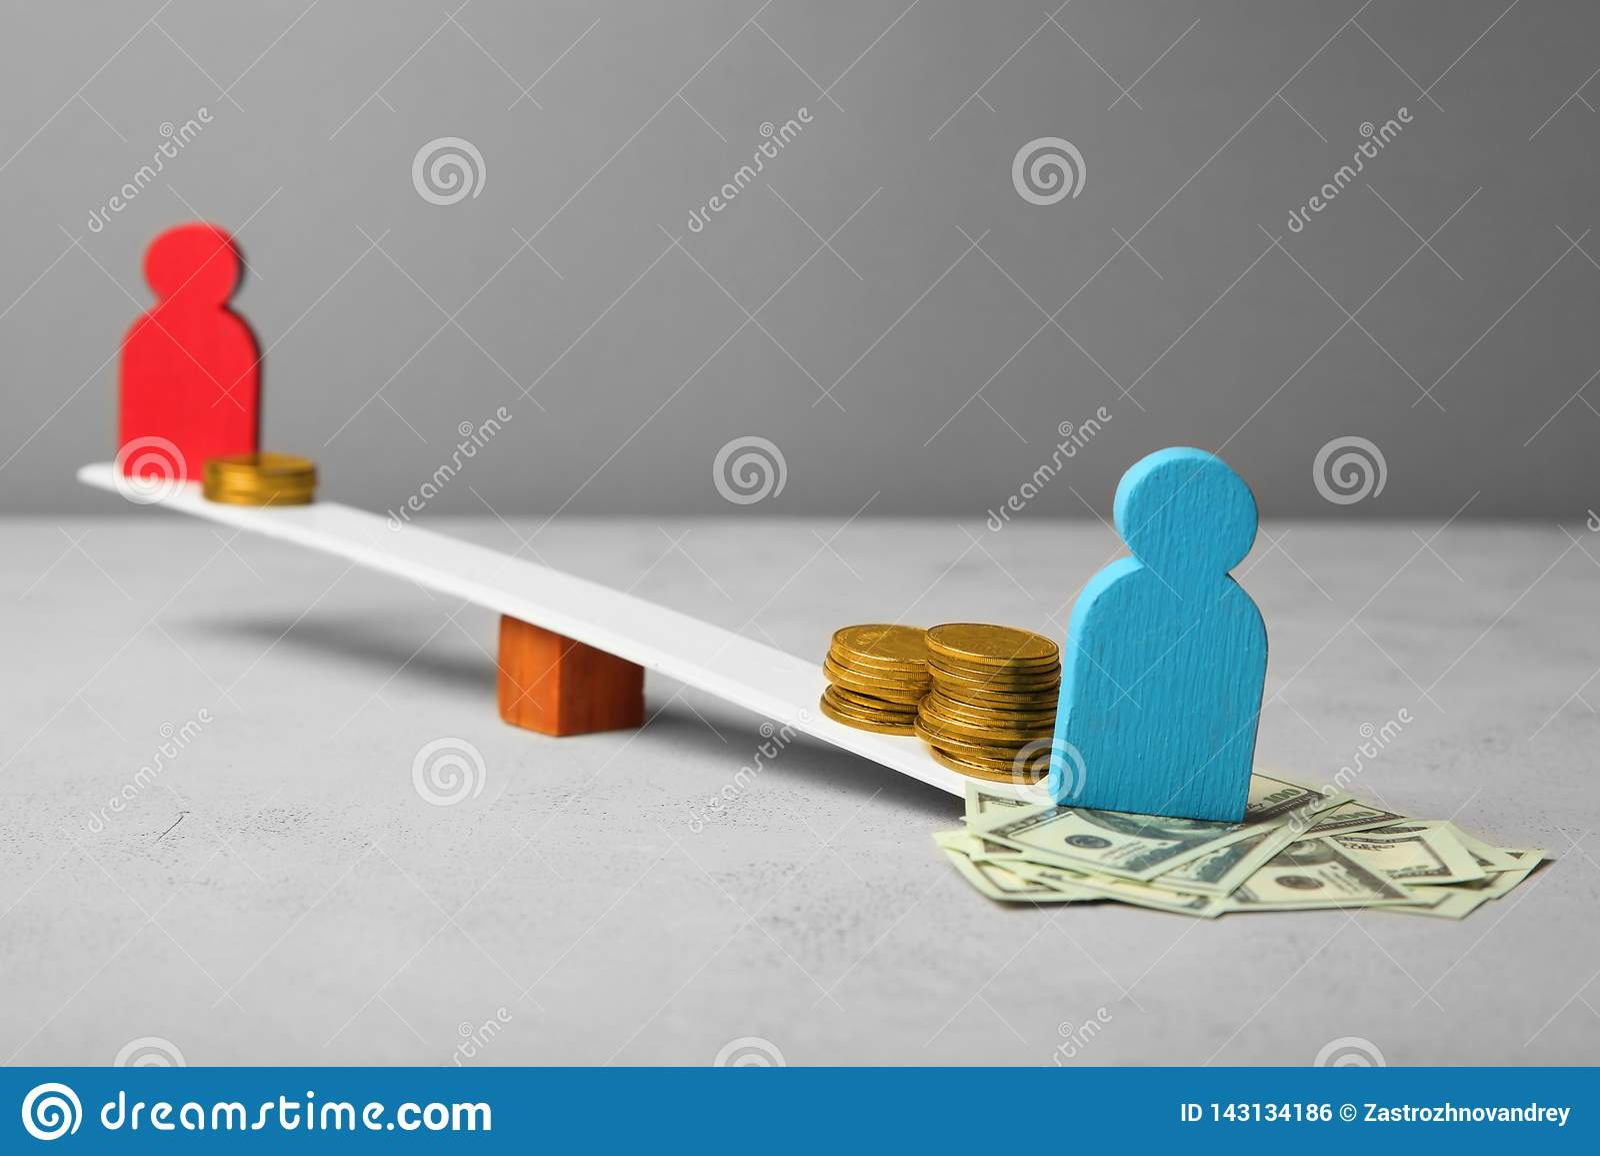 Diseguaglianza nel livello di paga Divario del reddito della gente Monete sulle scale